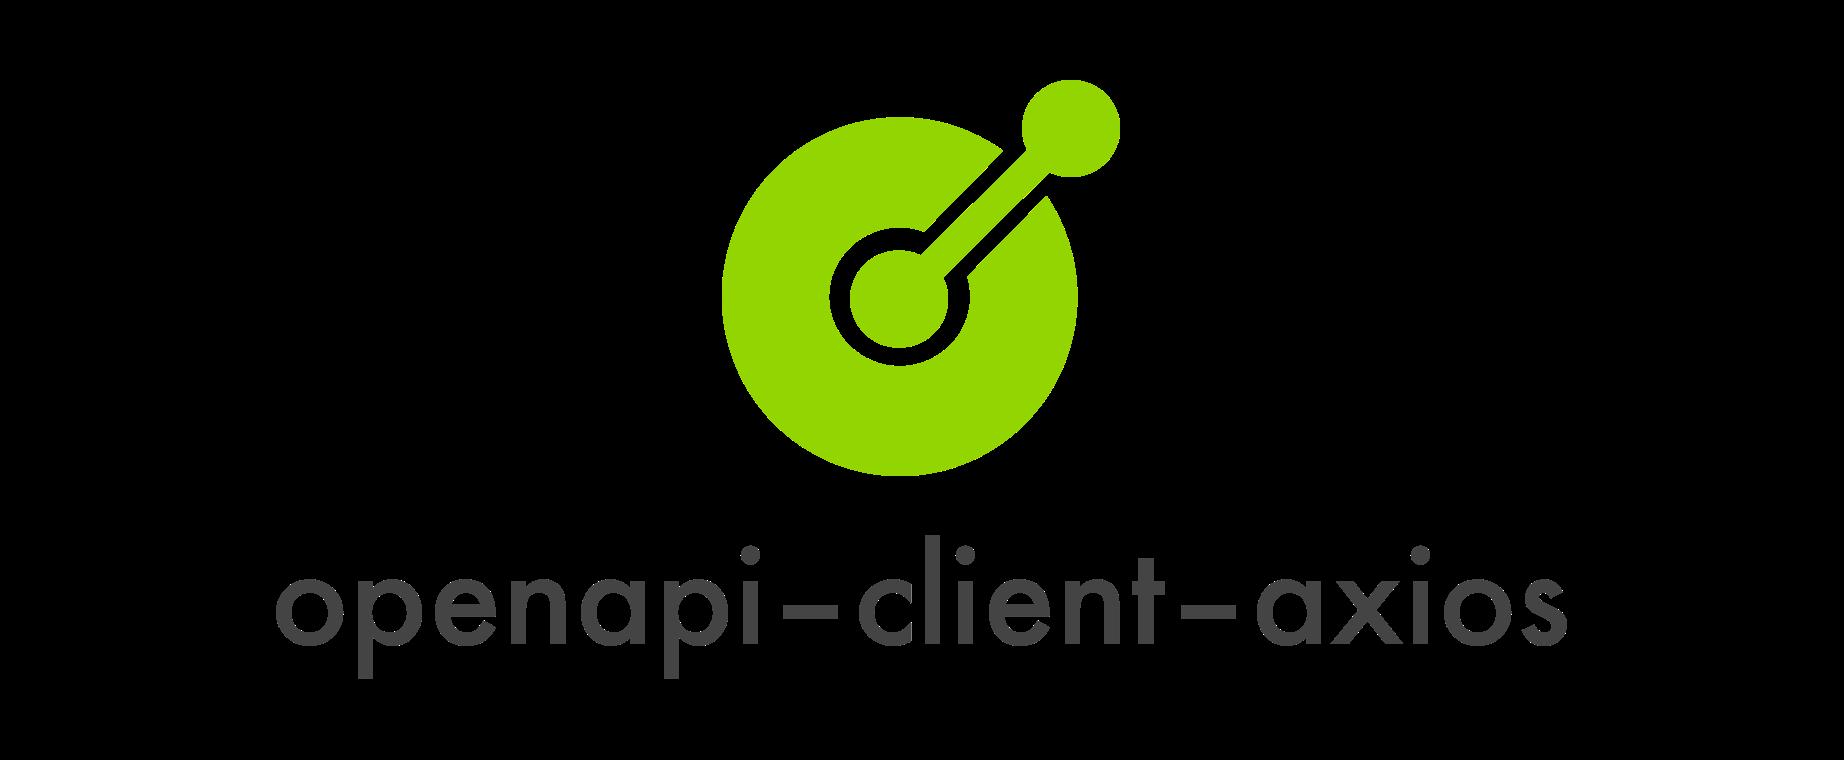 openapi-client-axios